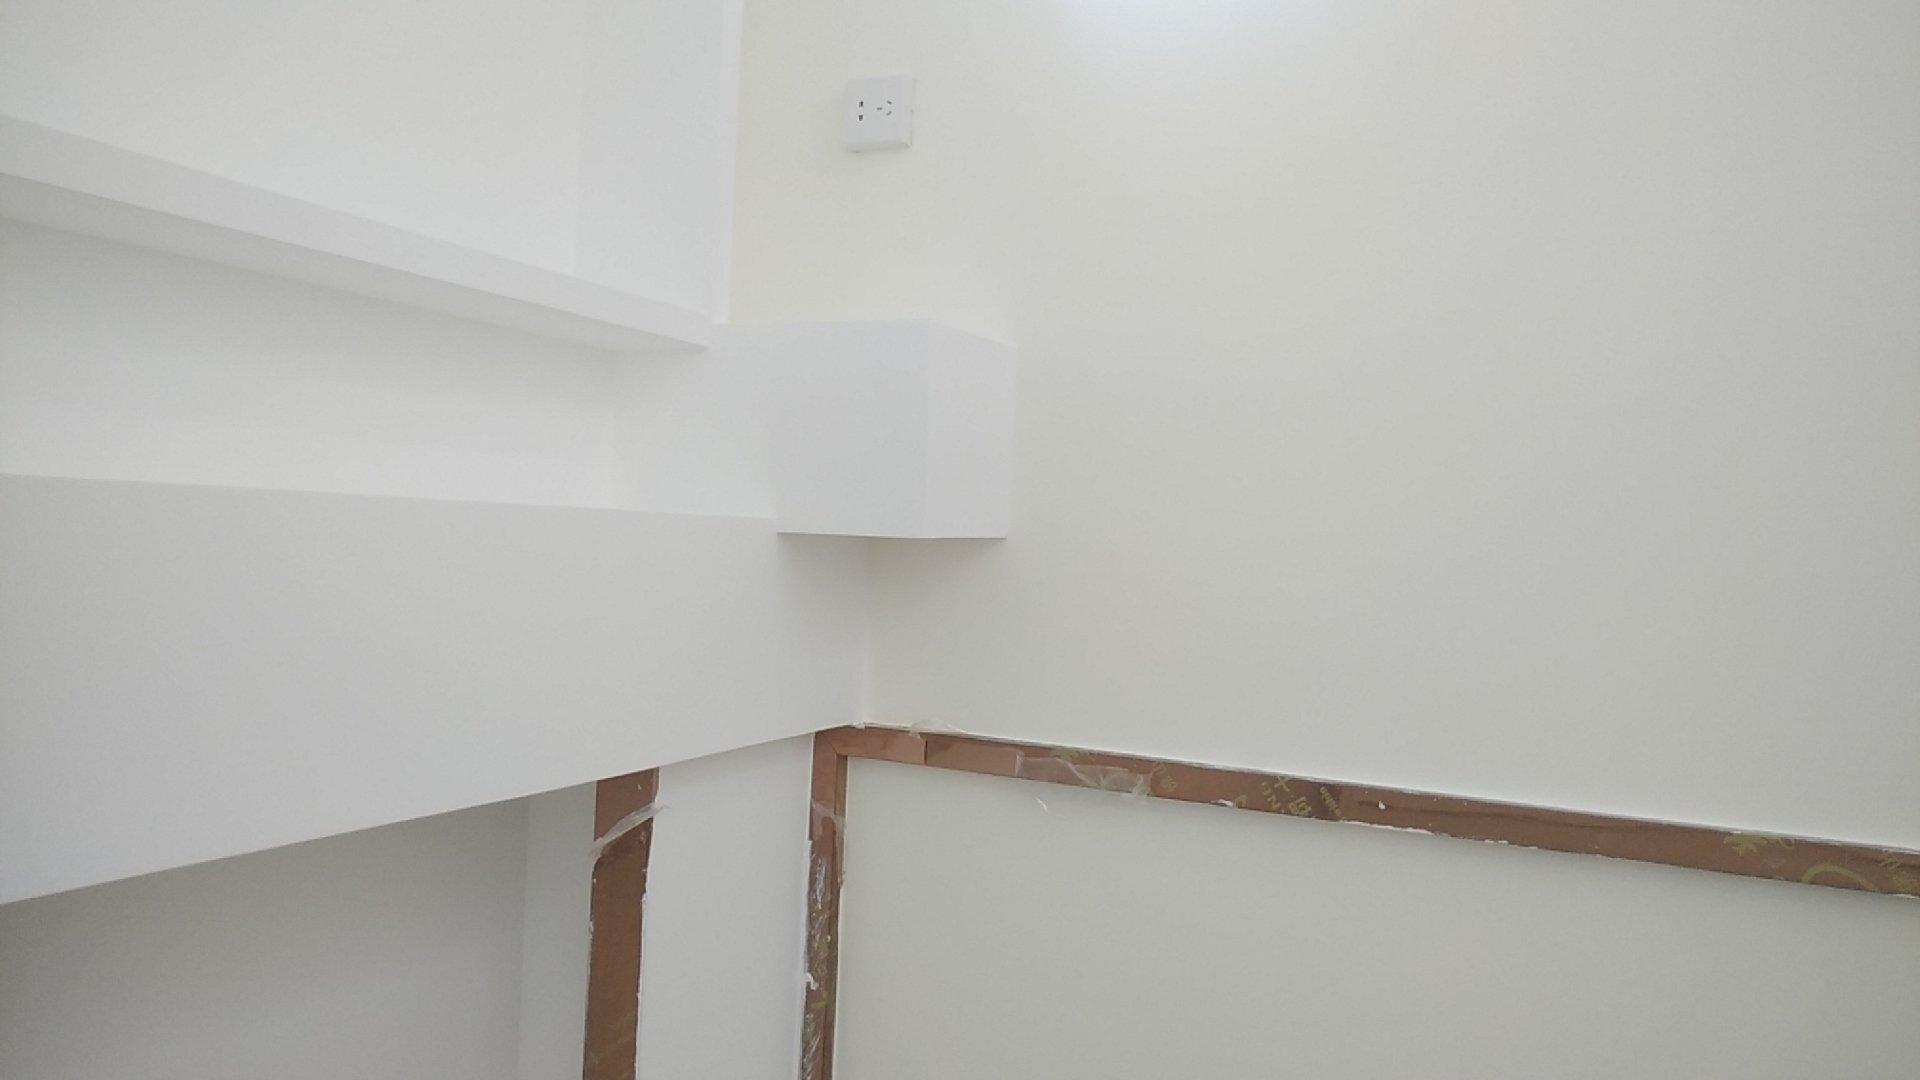 窗帘盒两边到不了头,第一图是有下水管,第二图有风管机铜管,窗帘怎么装啊?